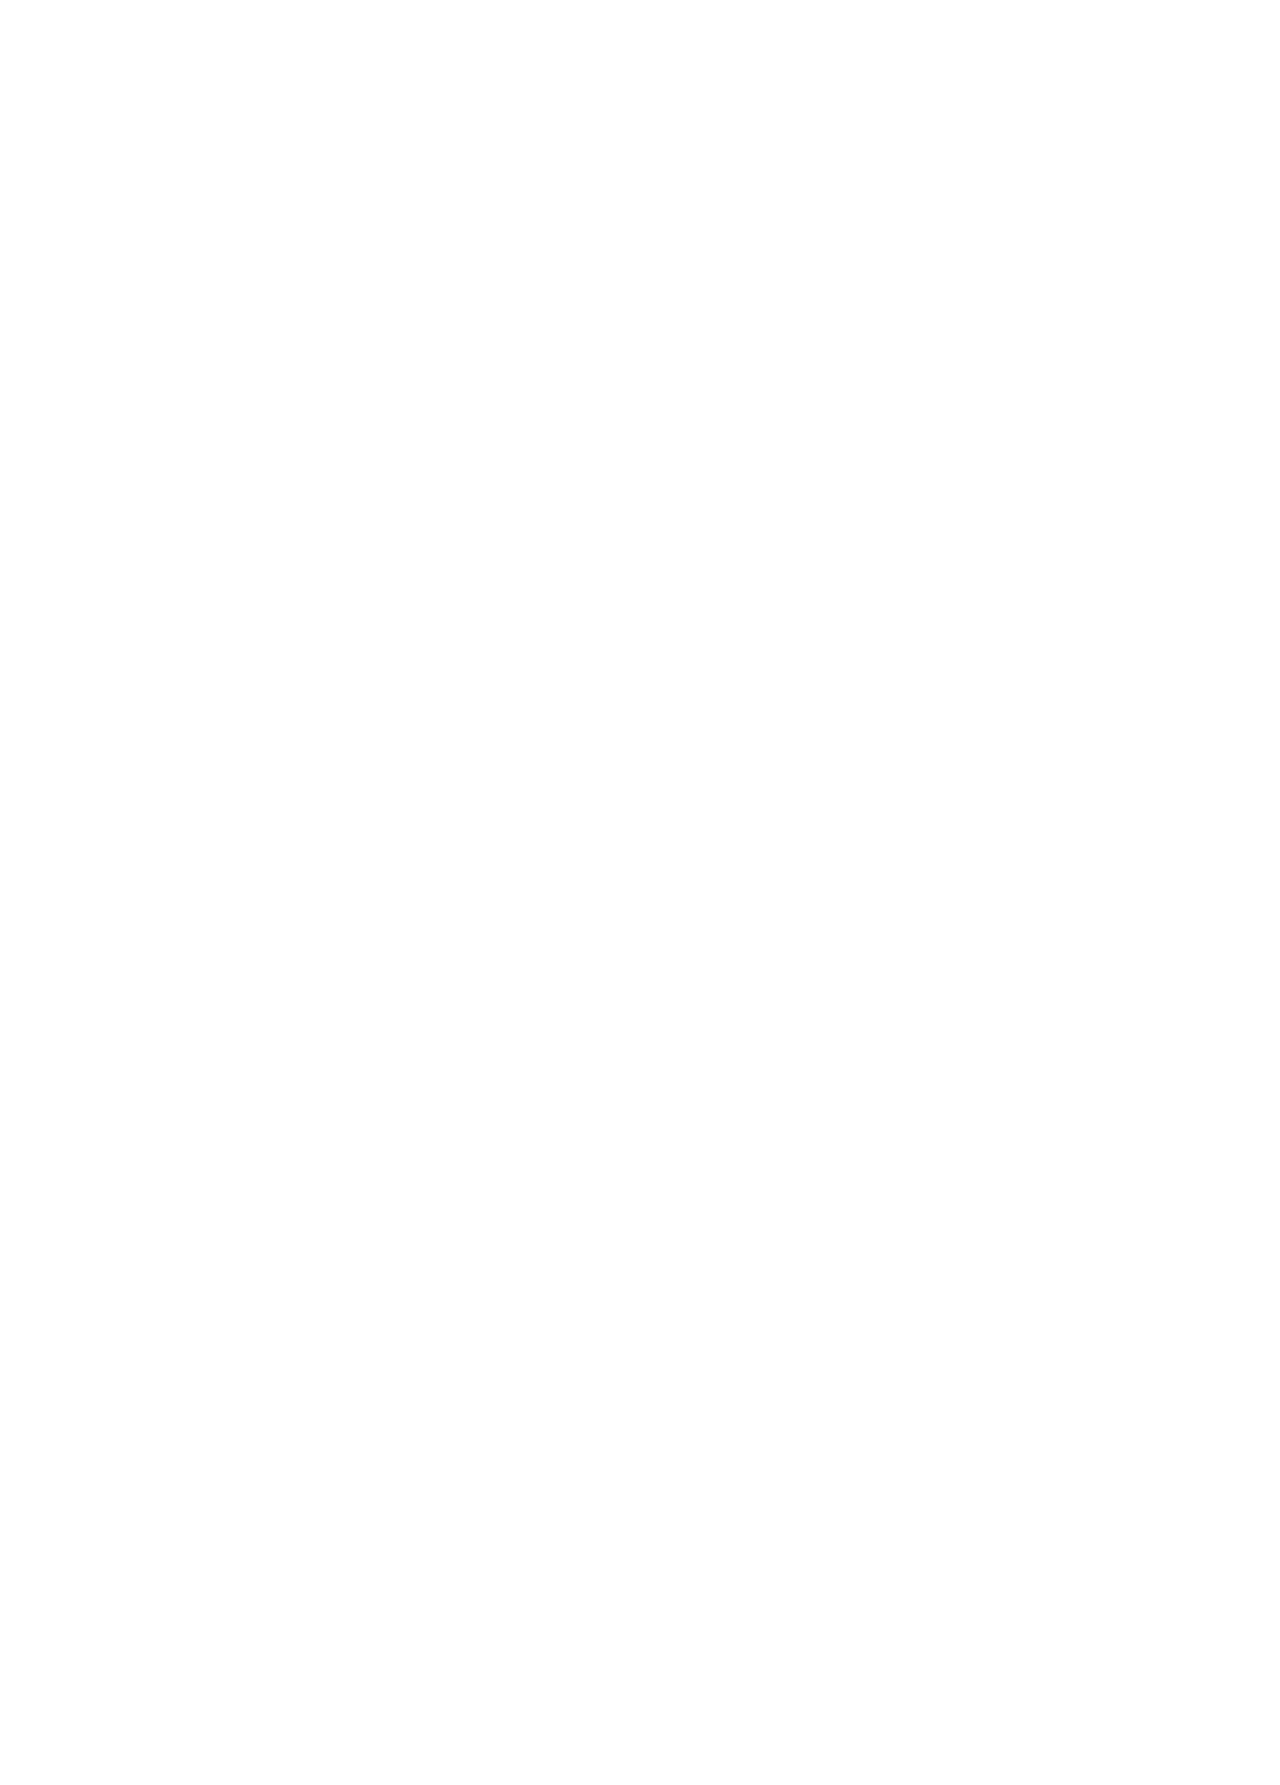 [Atelier:Dew (Kurakumo Nue)] Yukari-san wa Sentai Service o Tsuzuketeru you desu! | Yukari-san Seems To Be Continuing Her Body Washing Service! (VOCALOID) [Digital] [English] [head empty] 1